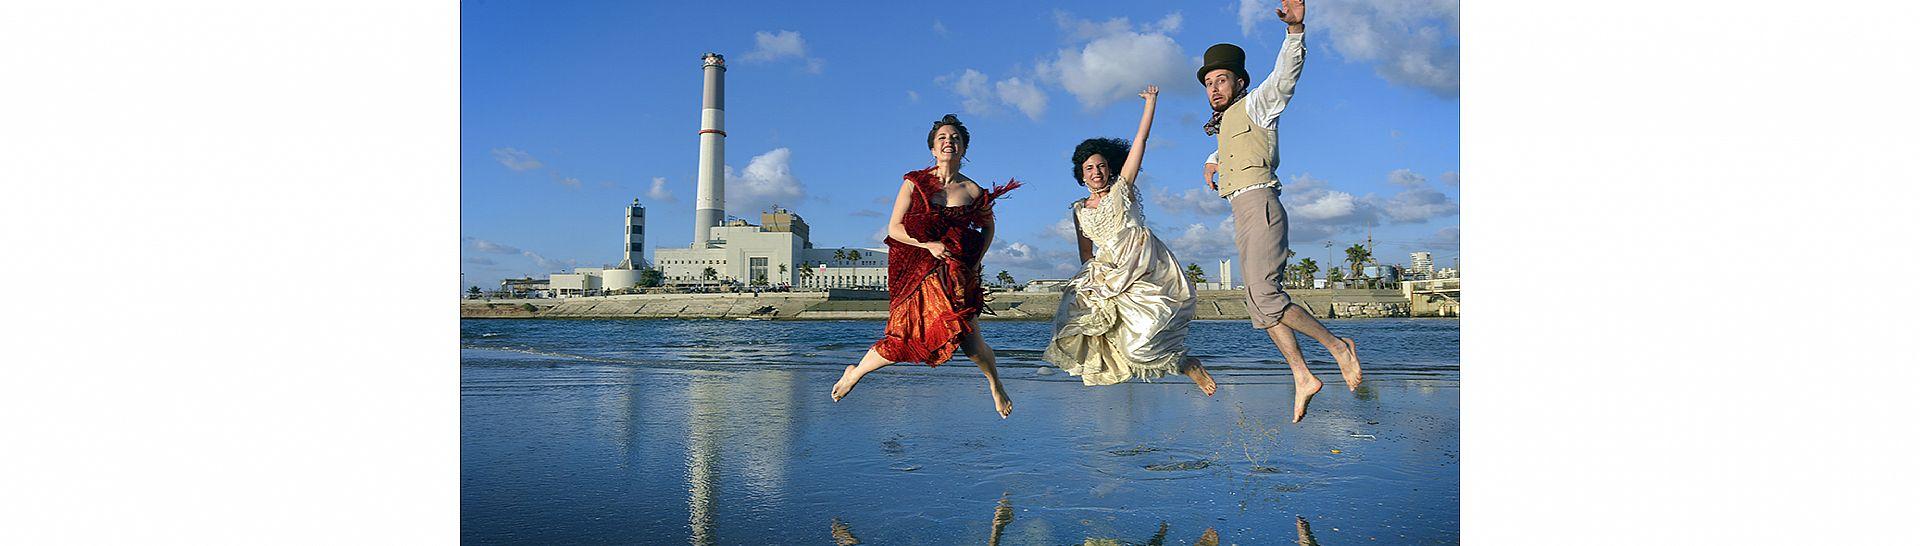 סטלני האופרה הישראלית ביריד המזרח